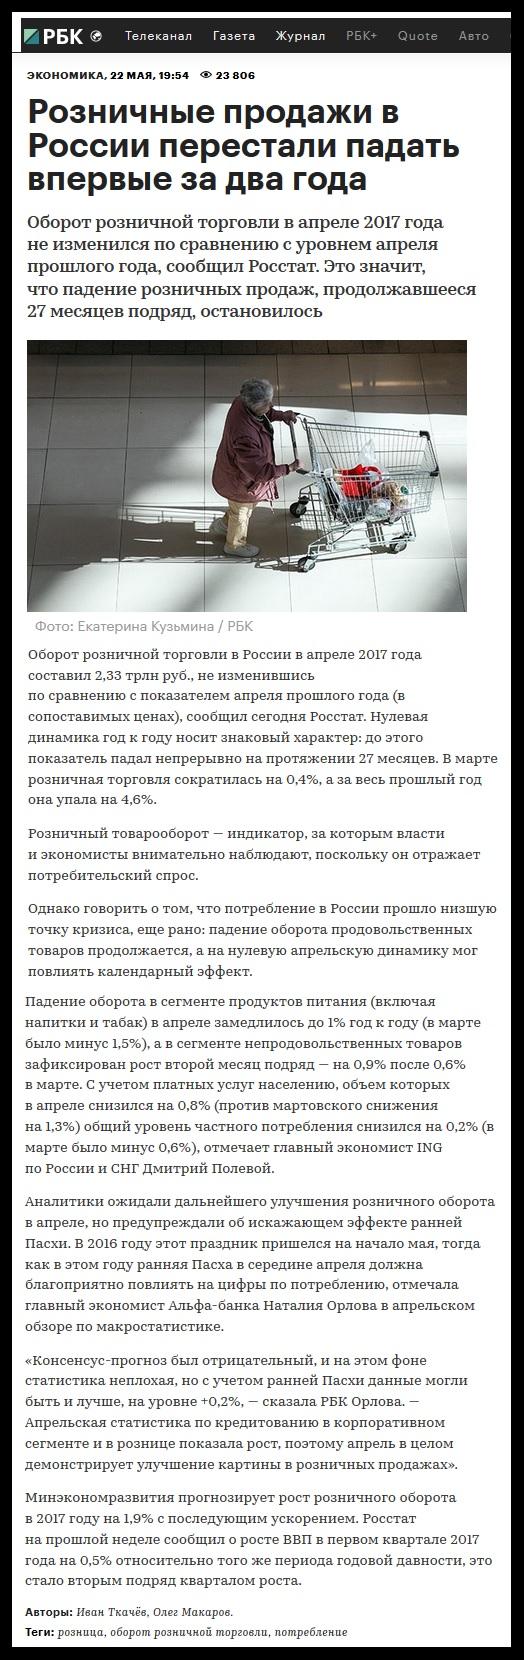 Розничные продажи в России перестали падать впервые за два года.